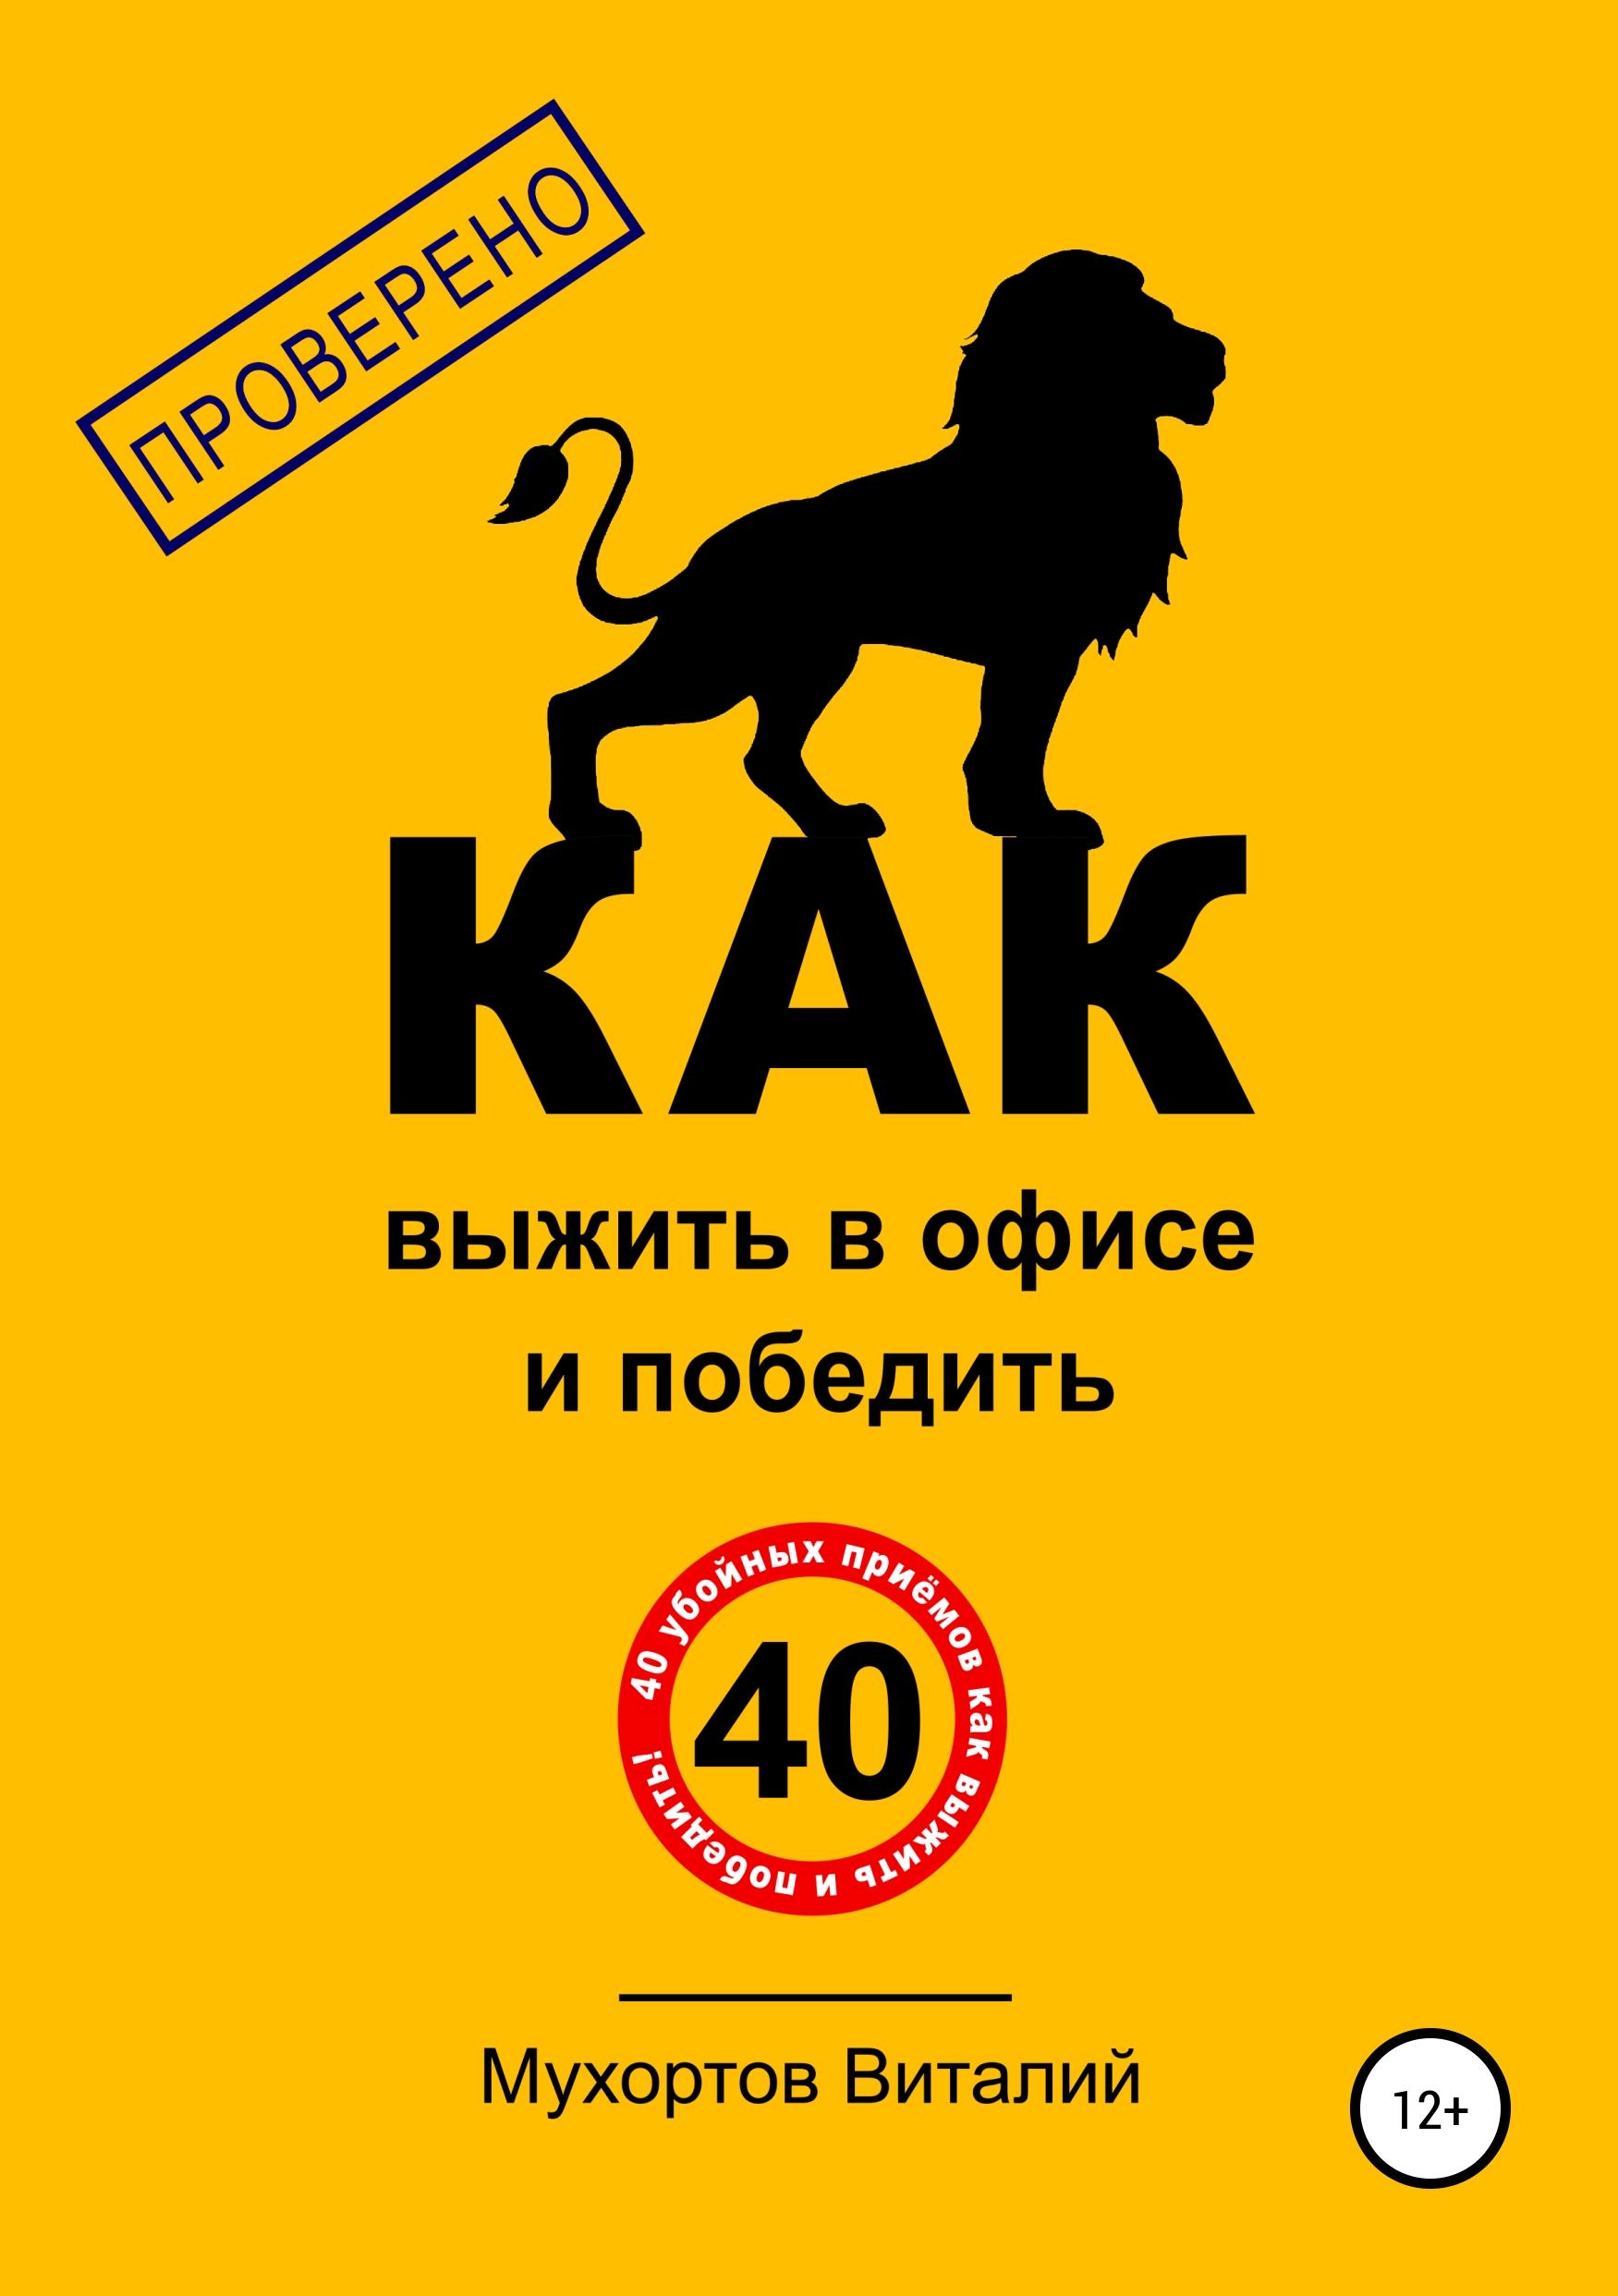 Обложка книги. Автор - Виталий Мухортов